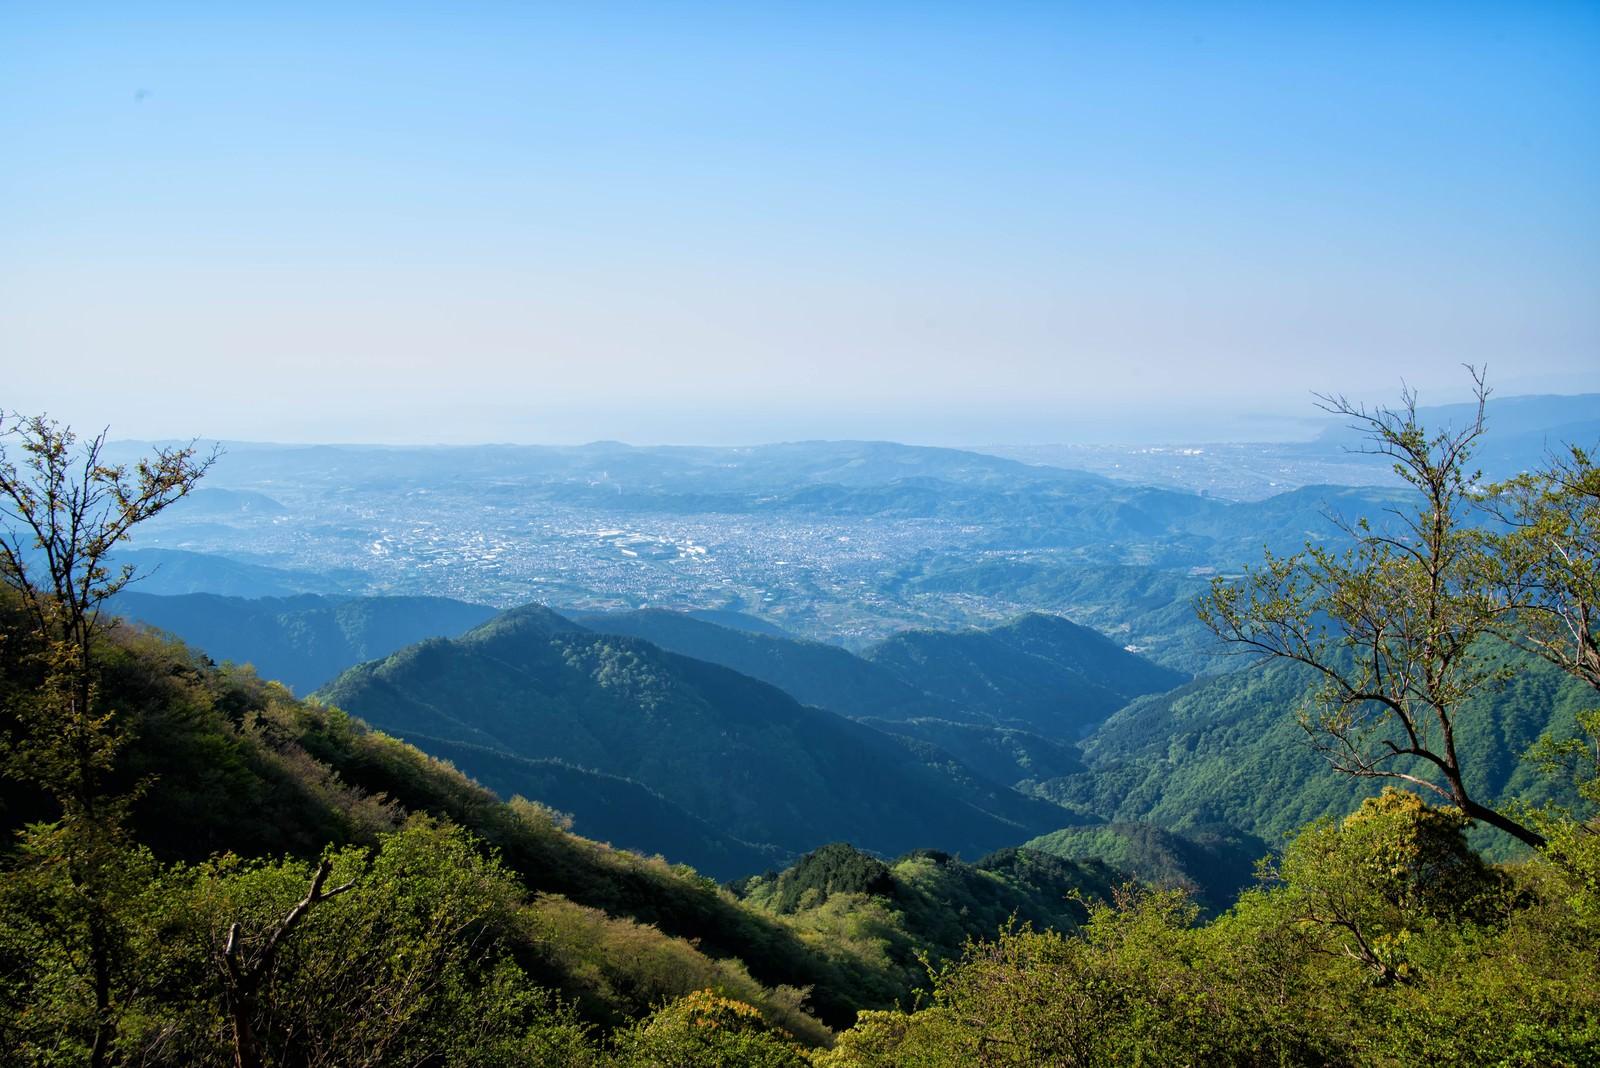 「鍋割山から望む秦野市の街並み」の写真